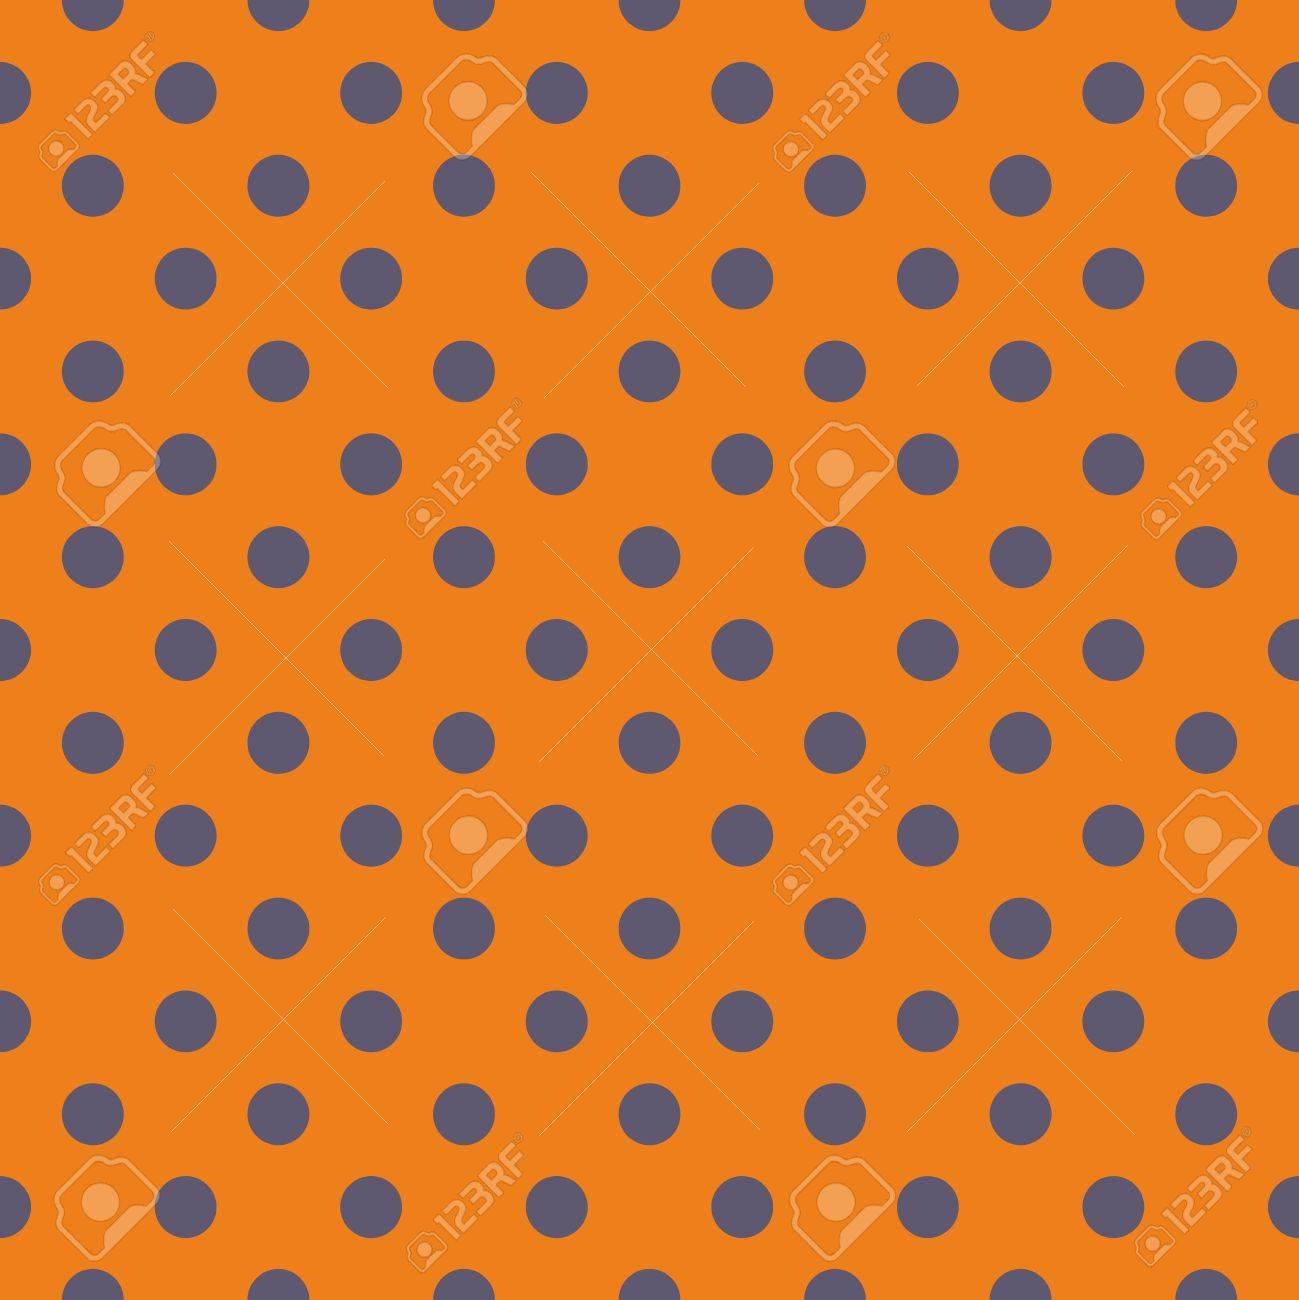 Modele Vectoriel De Carreau Avec Pois Gris Sur Fond Orange Pour Le